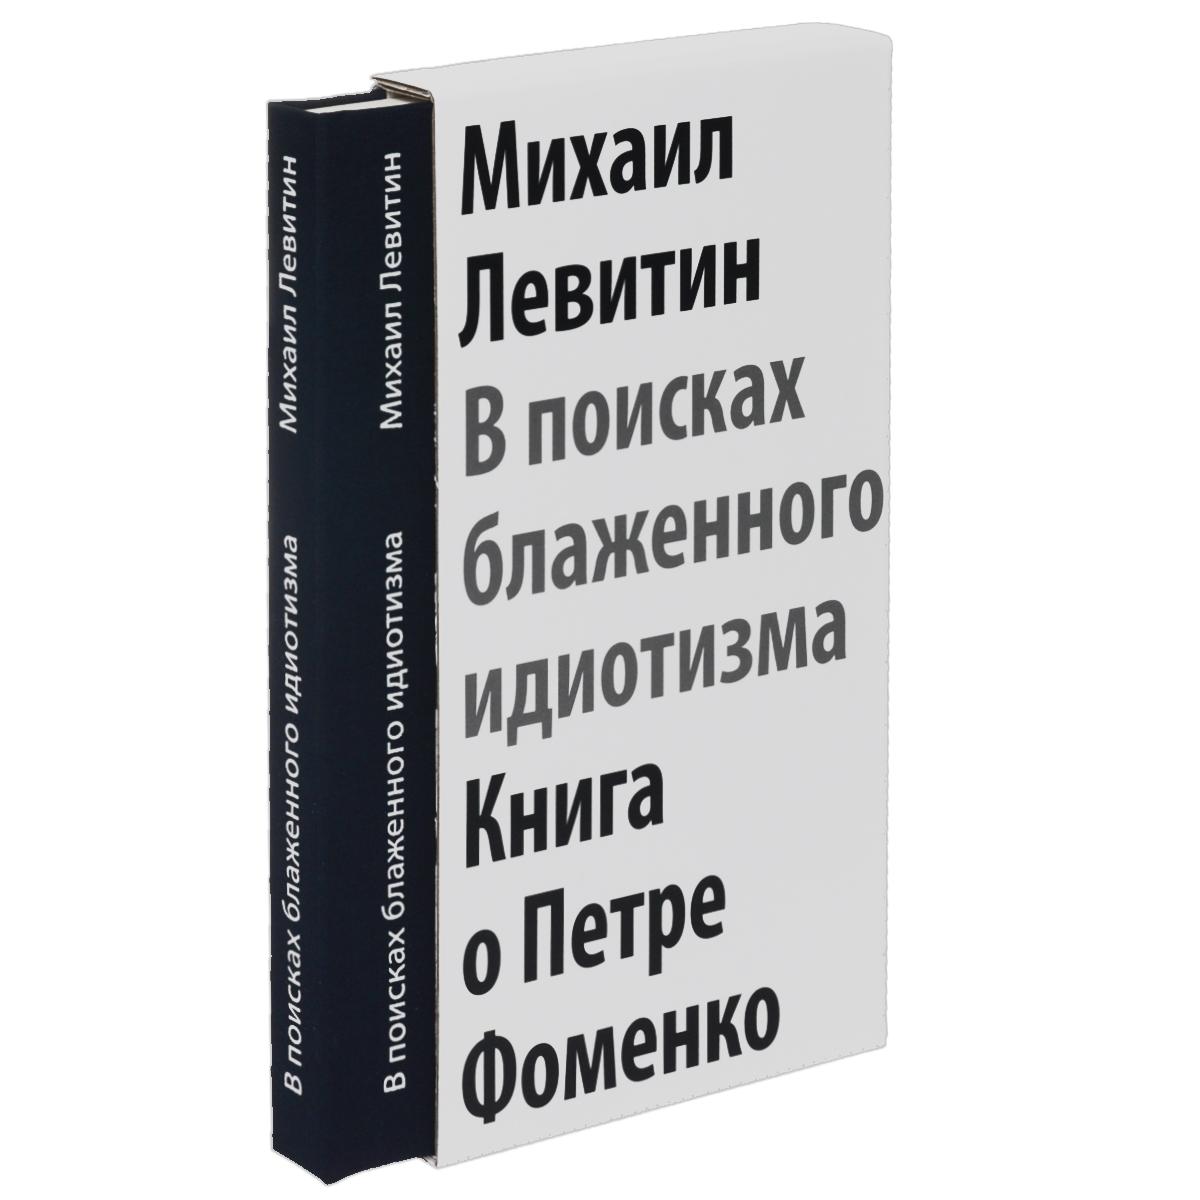 В поисках блаженного идиотизма. Книга о Петре Фоменко